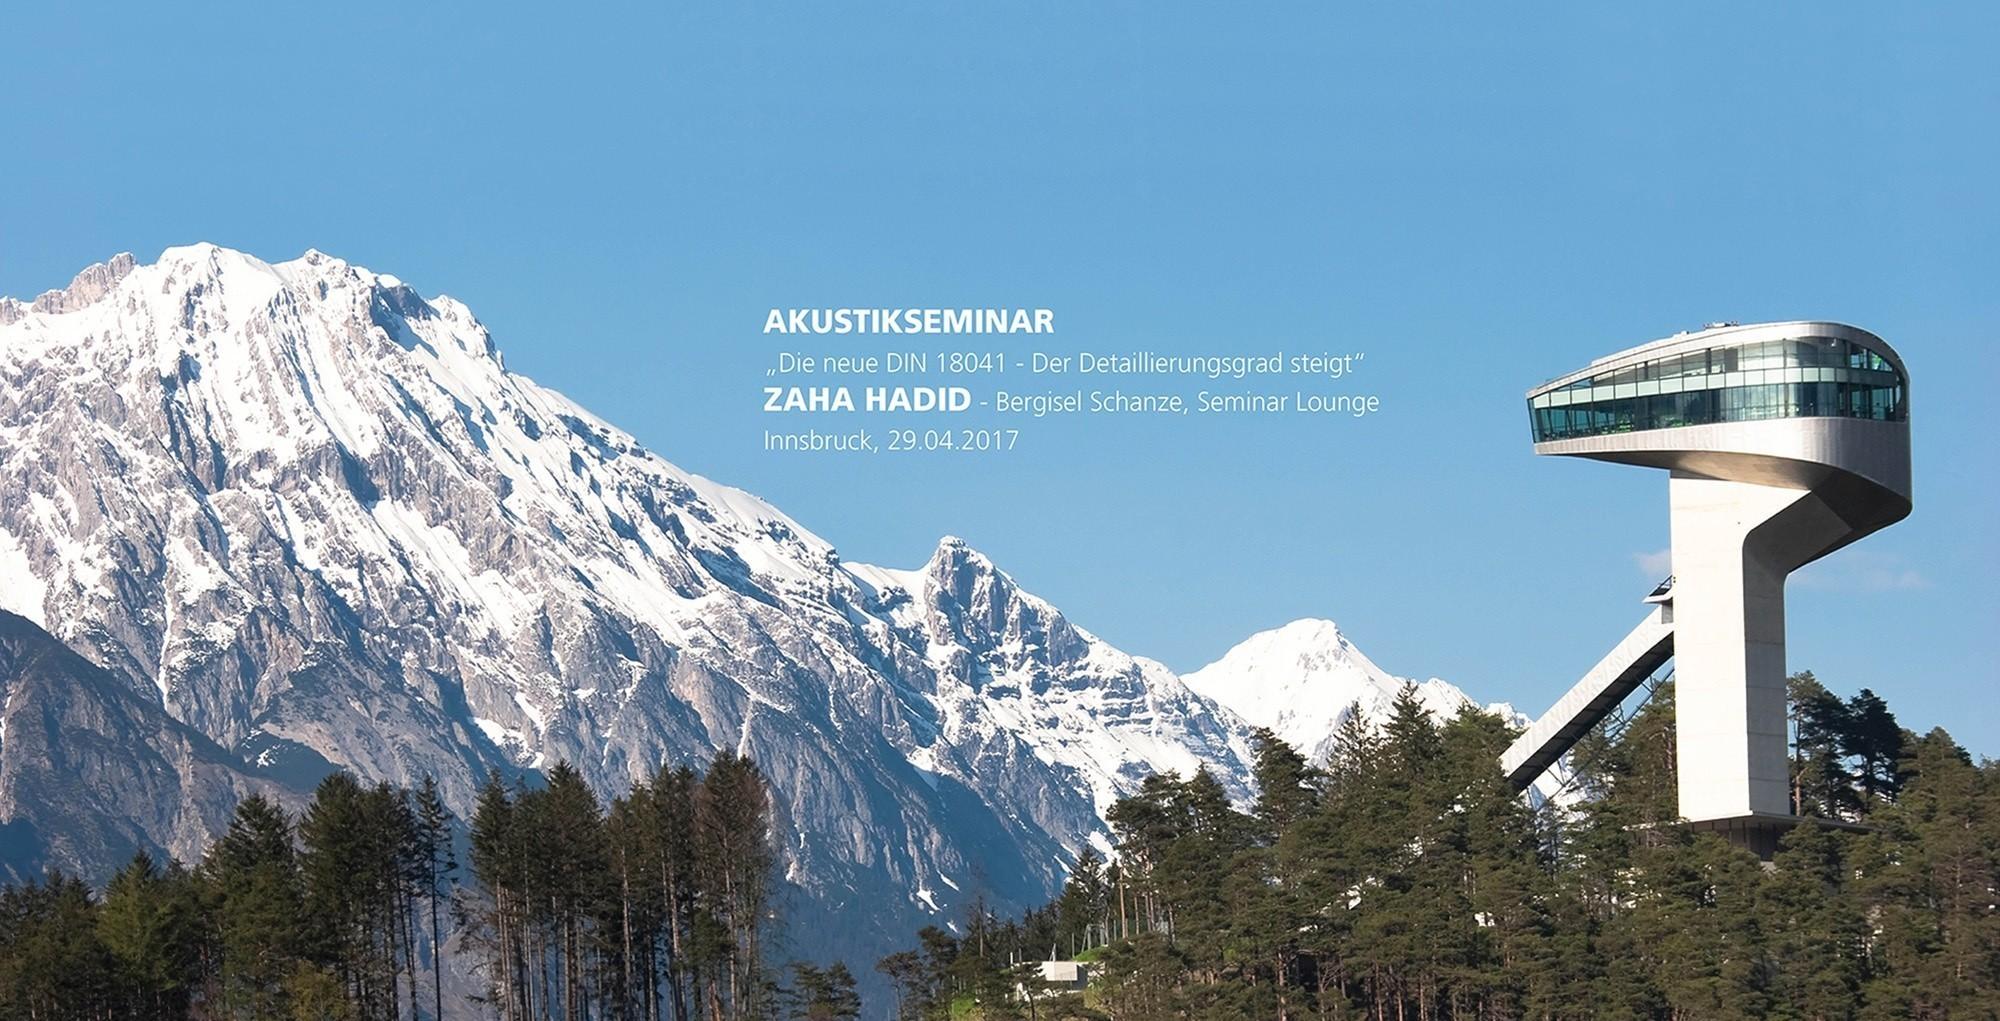 Akustikseminar Innsbruck, 29.04.2017 2